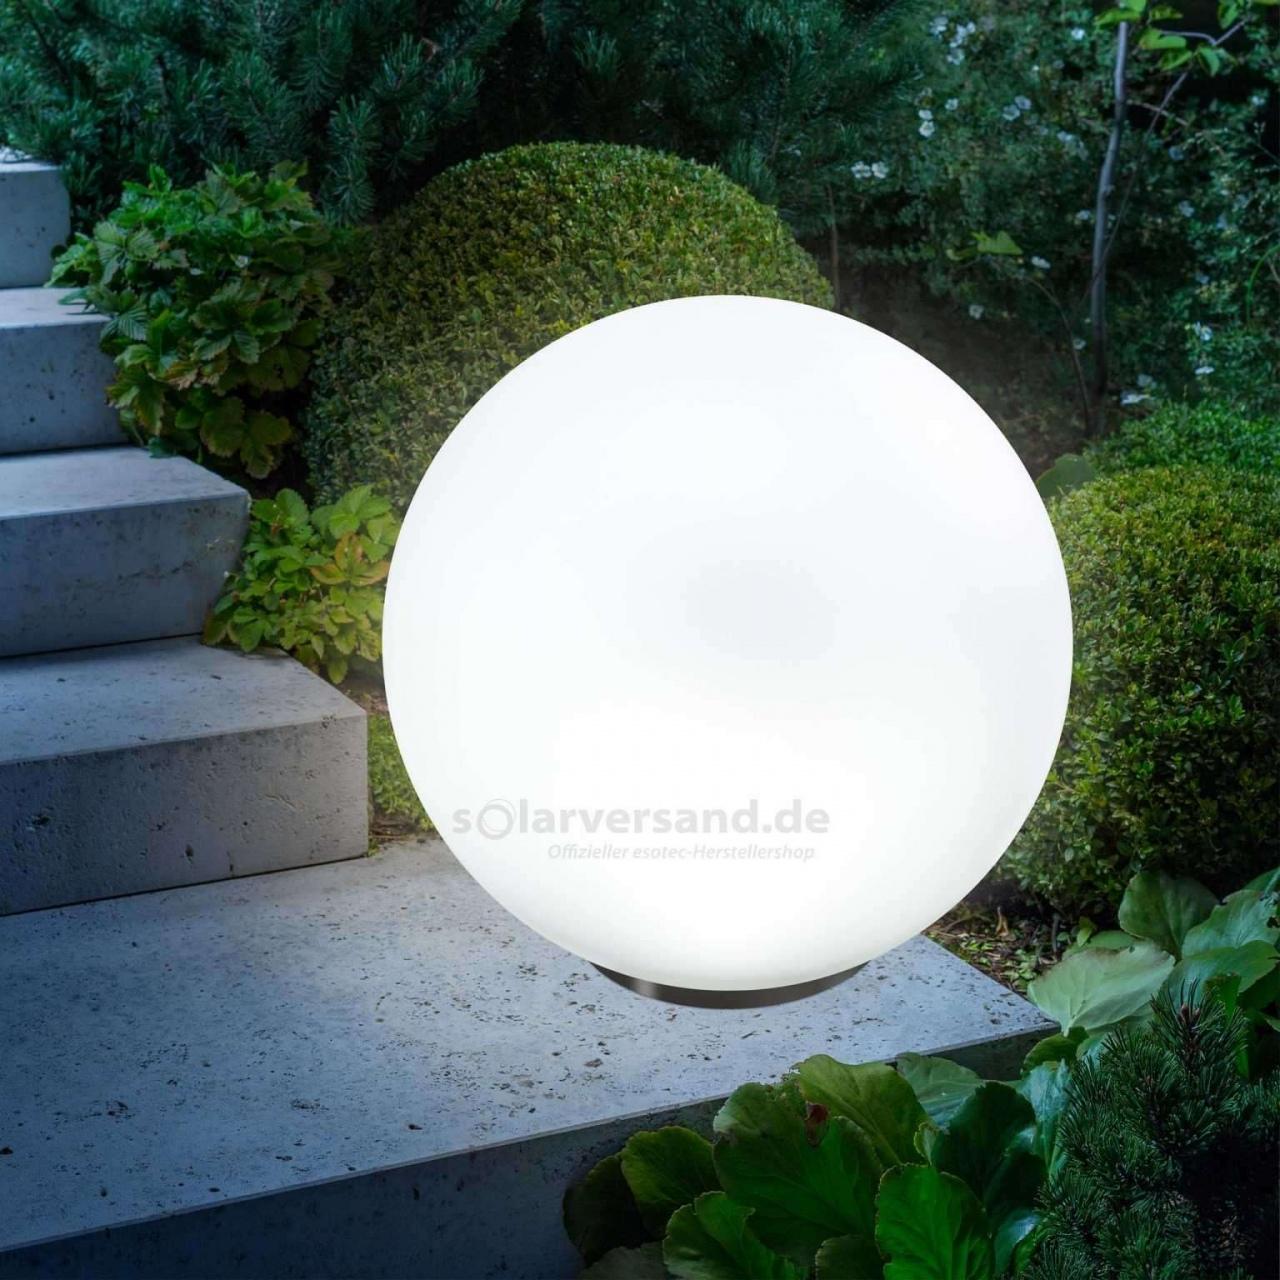 diy garden sculpture ideas garten de frisch sichtschutz garten weide garten ideas zaun garten of diy garden sculpture ideas